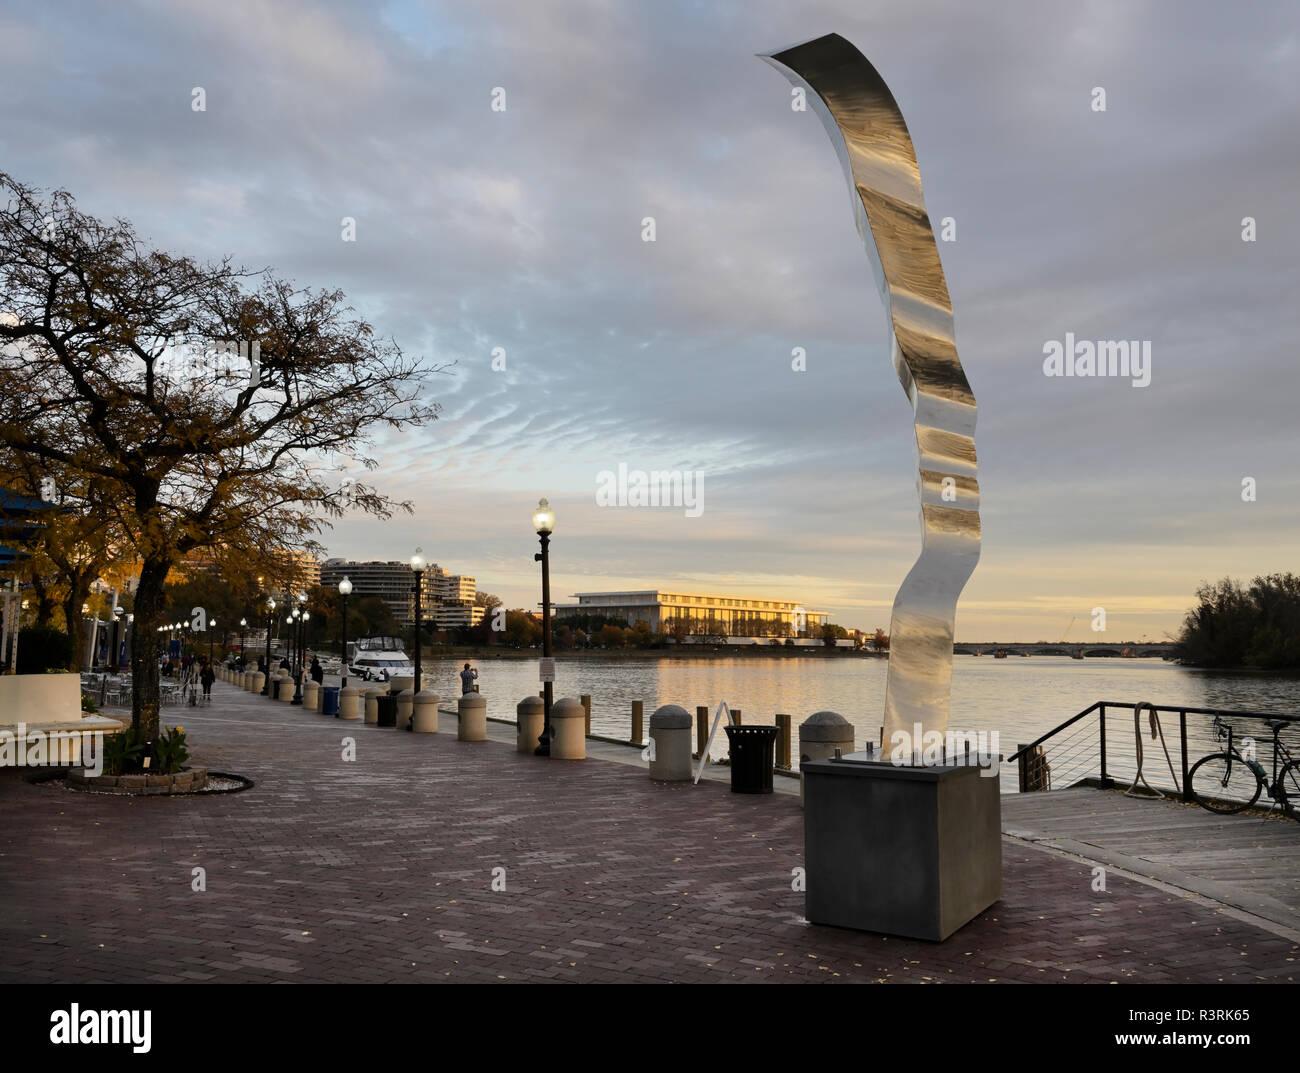 Georgetown Waterfront Park, paseo peatonal a lo largo de río Potomoac con escultura, Madre Tierra por Barton Rubenstein Imagen De Stock